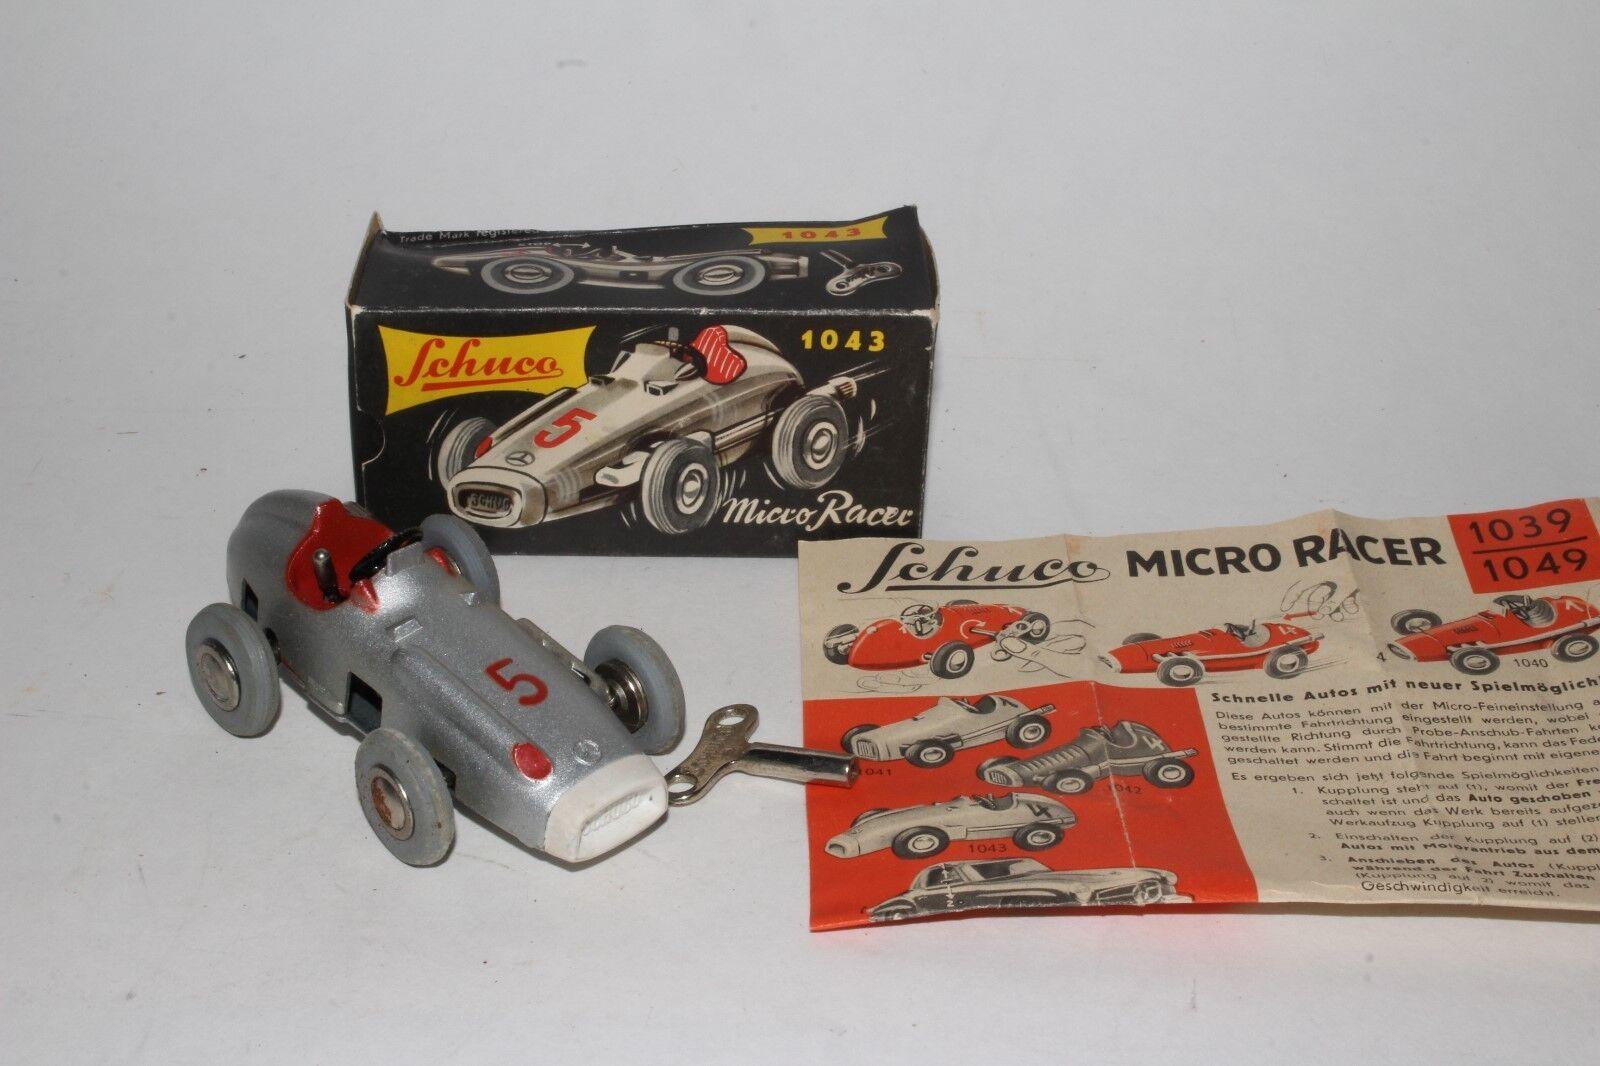 Schuco  1043  Micro Grand Prix Racer avec Orignal Boîte, Agréable  réductions incroyables